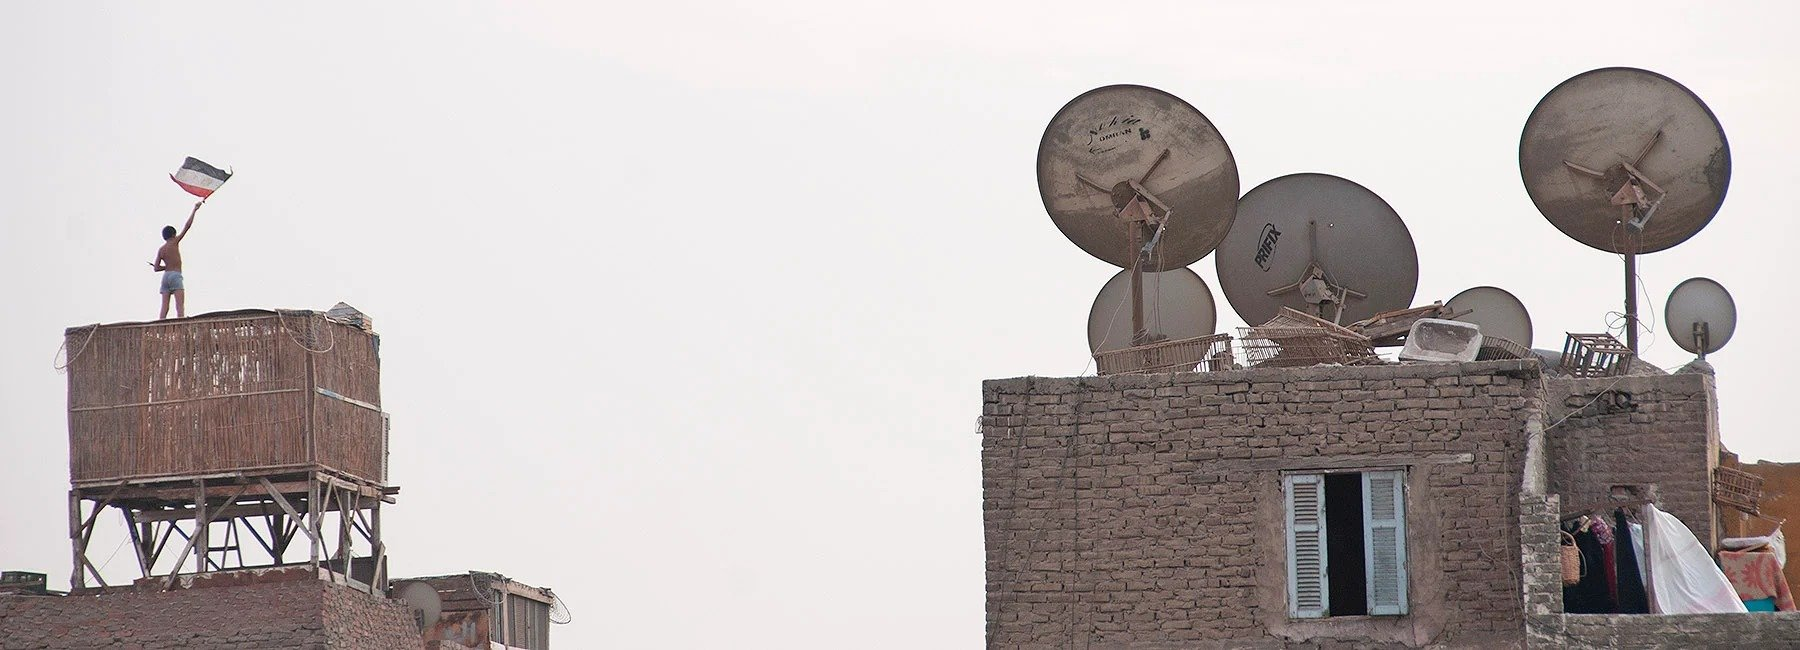 摄影师Manuel alvarez Diestro在摩洛哥,阿尔及利亚和埃及生活多年